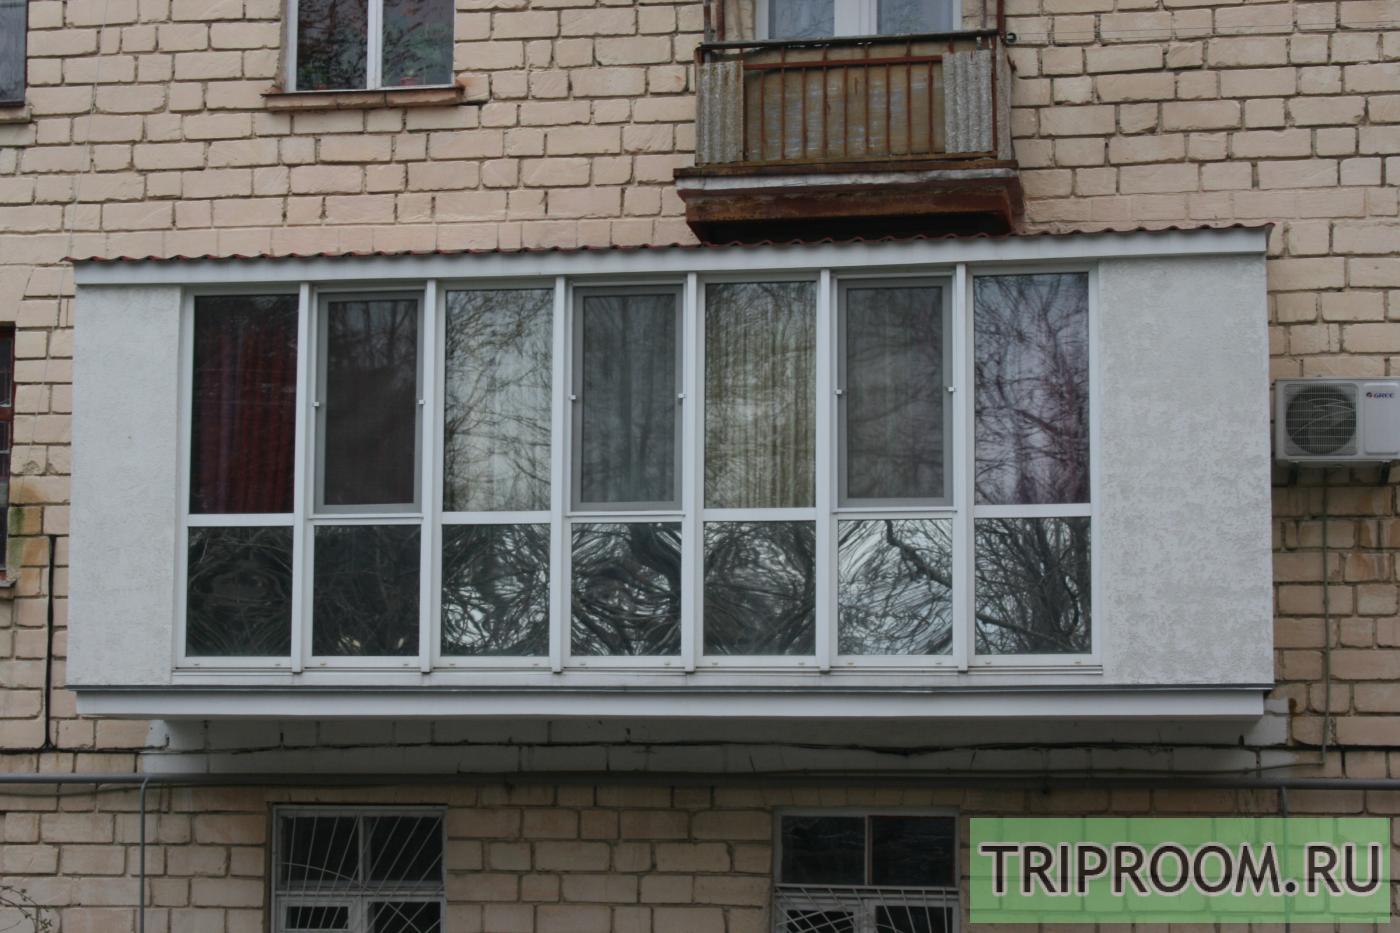 1-комнатная квартира посуточно (вариант № 1326), ул. Советская улица, фото № 12